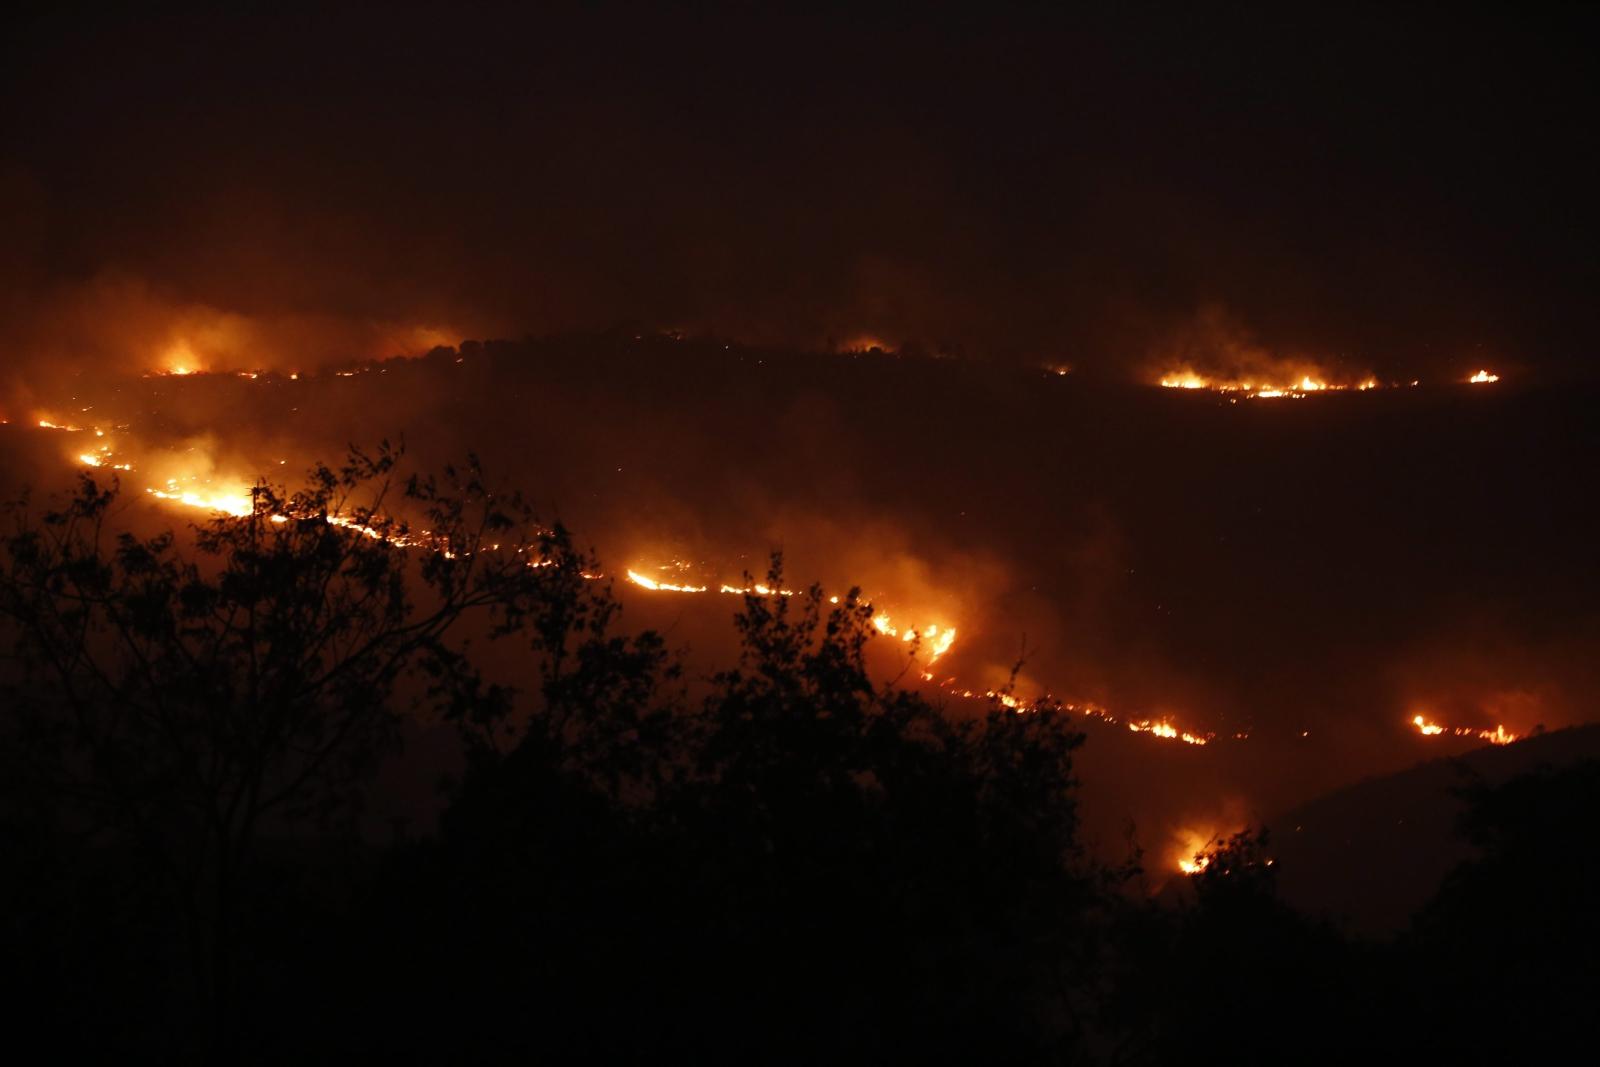 Pożar w Nataf, niedaleko Jerozolimy. Fot. PAP/ EPA/ABIR SULTAN